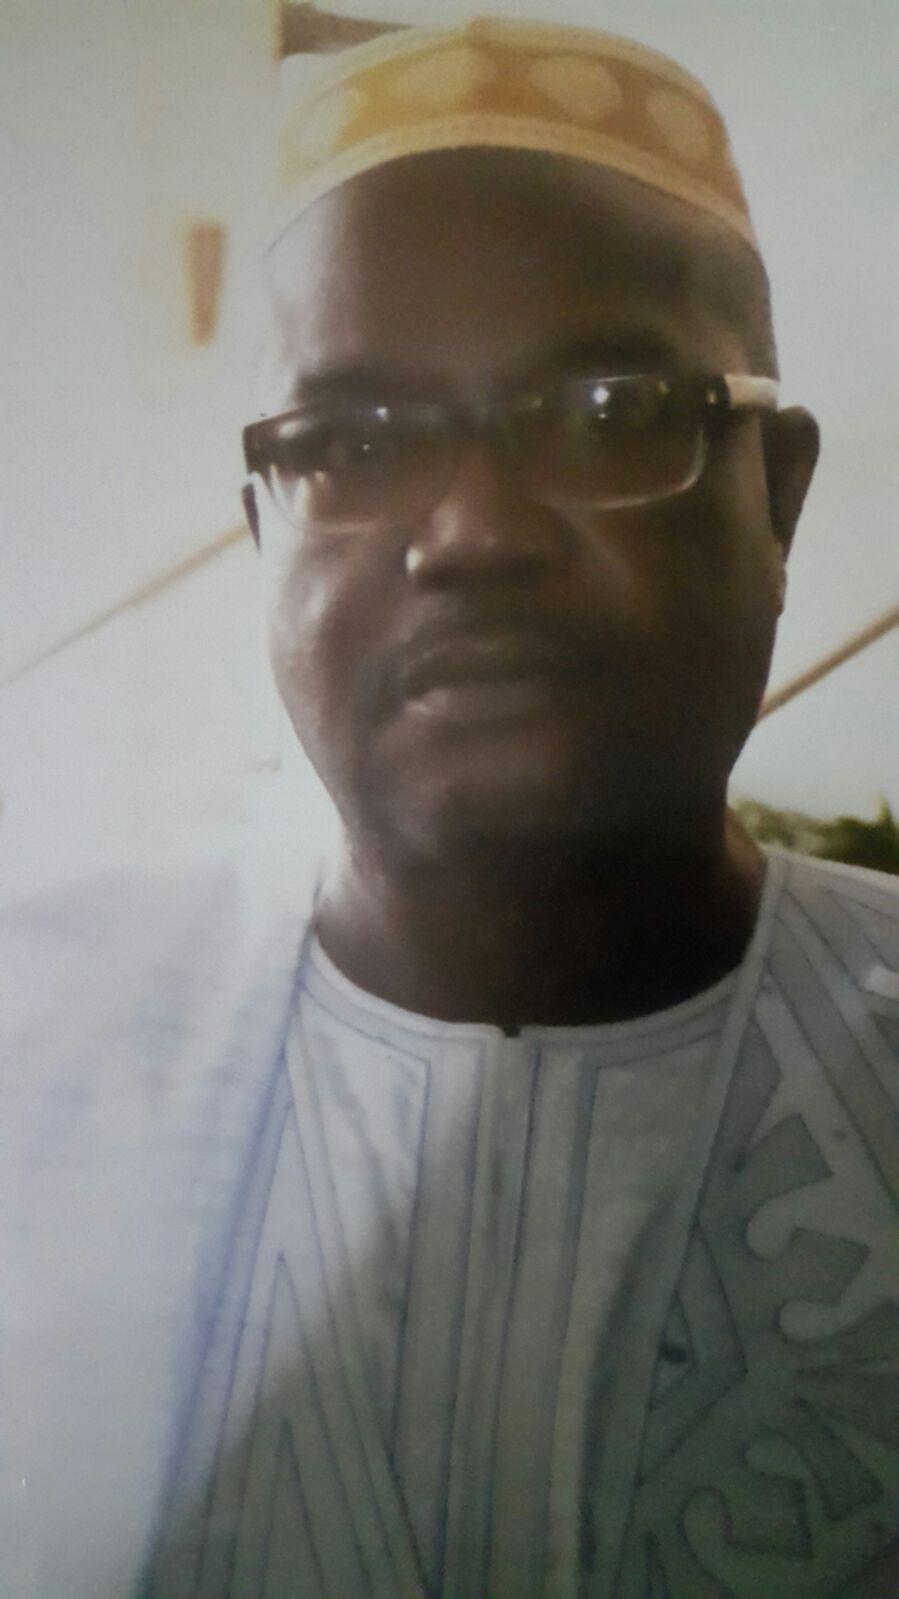 L'honorable Député Amath Cissé lance son slogan : «J'y crois, je vote Oui !»